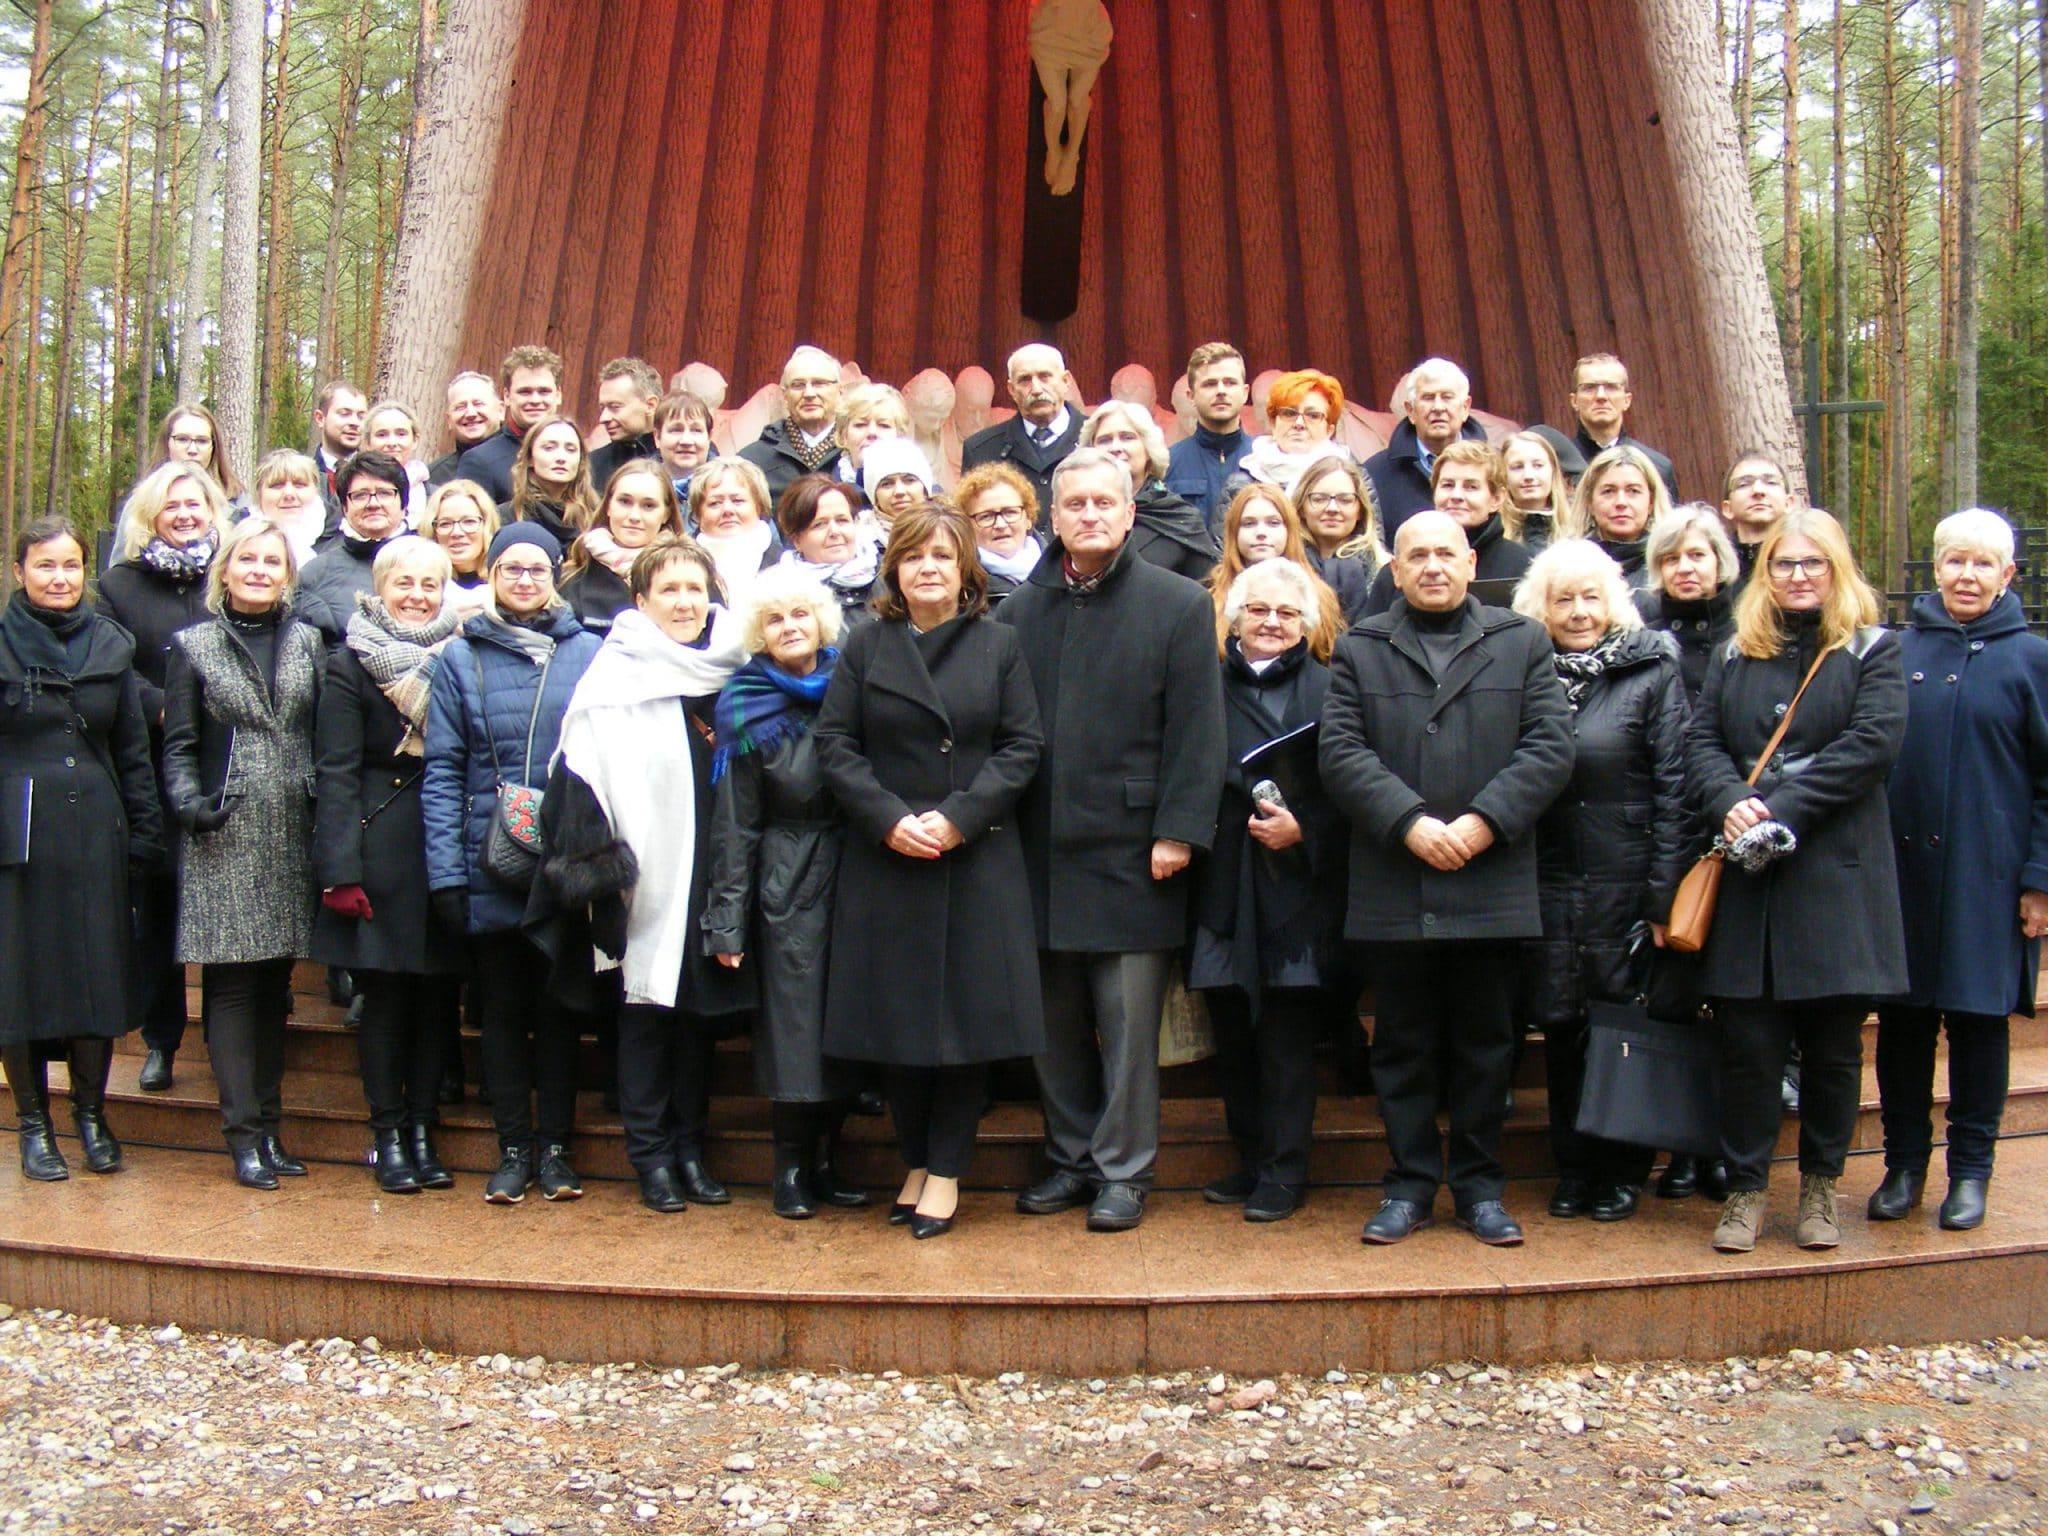 Chóry po Mszy w Lesie Piaśnickim 6 X 2019